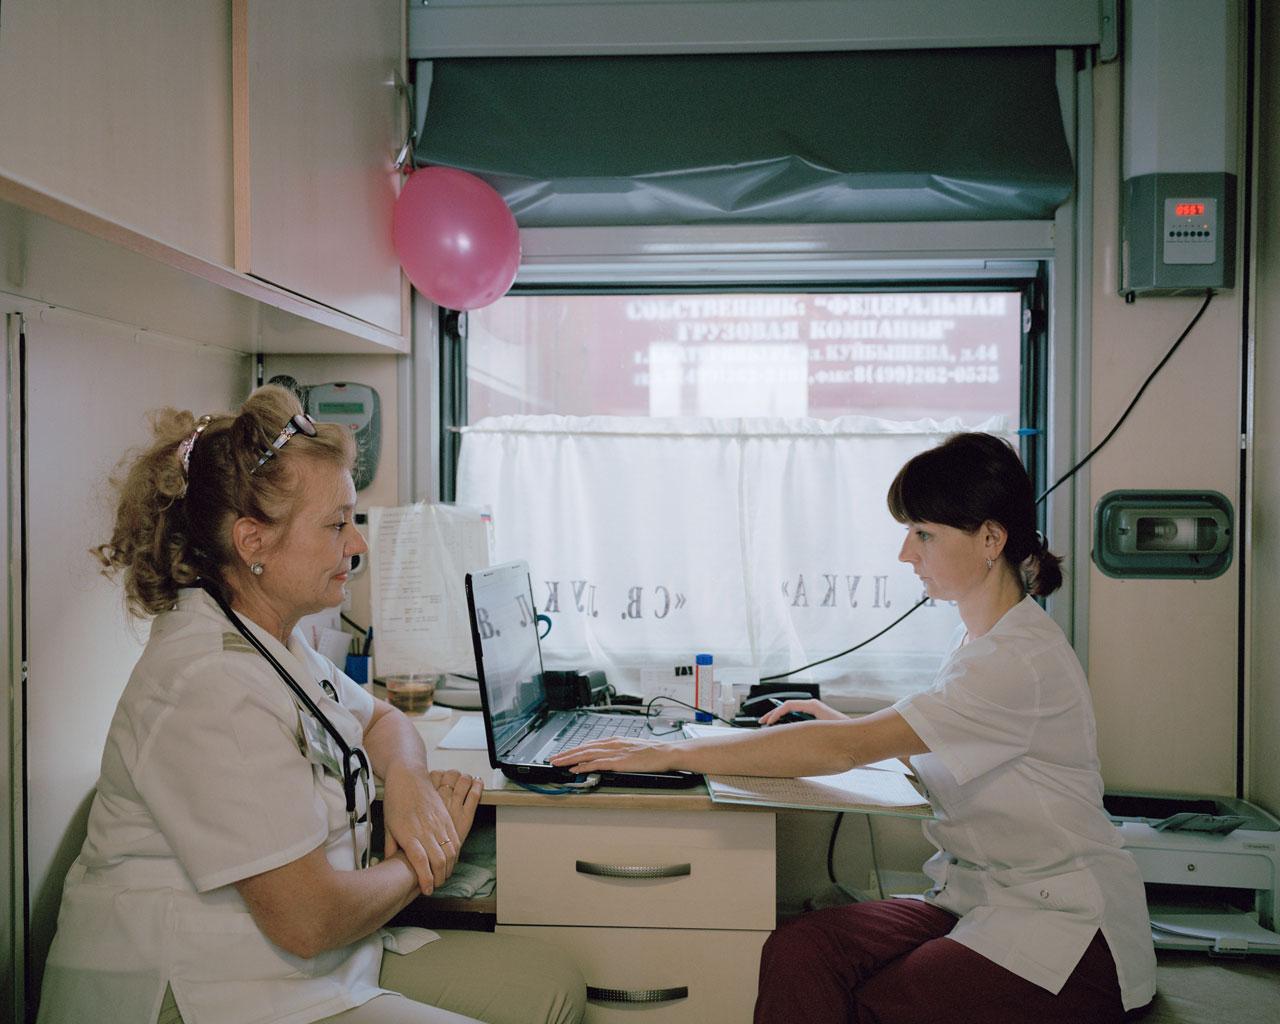 Allgemeinmedizinerin Ljudmila Michailowna Danilowa (l.) und ihre Assistentin werten in dem kleinen Behandlungsabteil Diagnosen aus. Sie sollen jeden Tag um die 37 Patienten behandeln. Foto: Emile Ducke